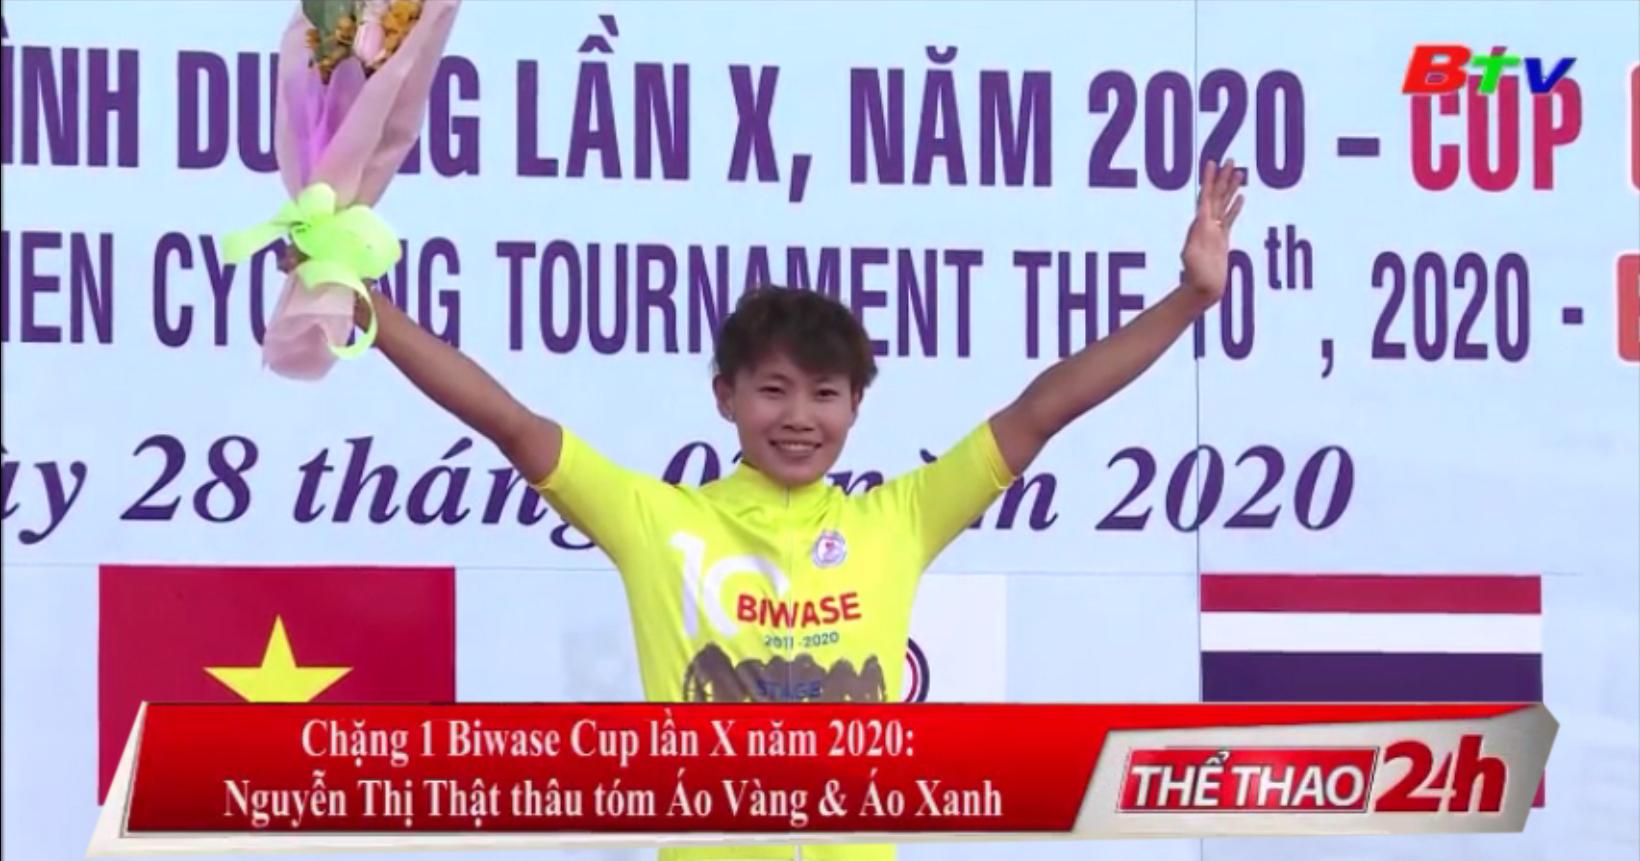 Chặng 1 Biwase Cup lần X năm 2020 – Nguyễn Thị Thật thâu tóm Áo Vàng và Áo Xanh